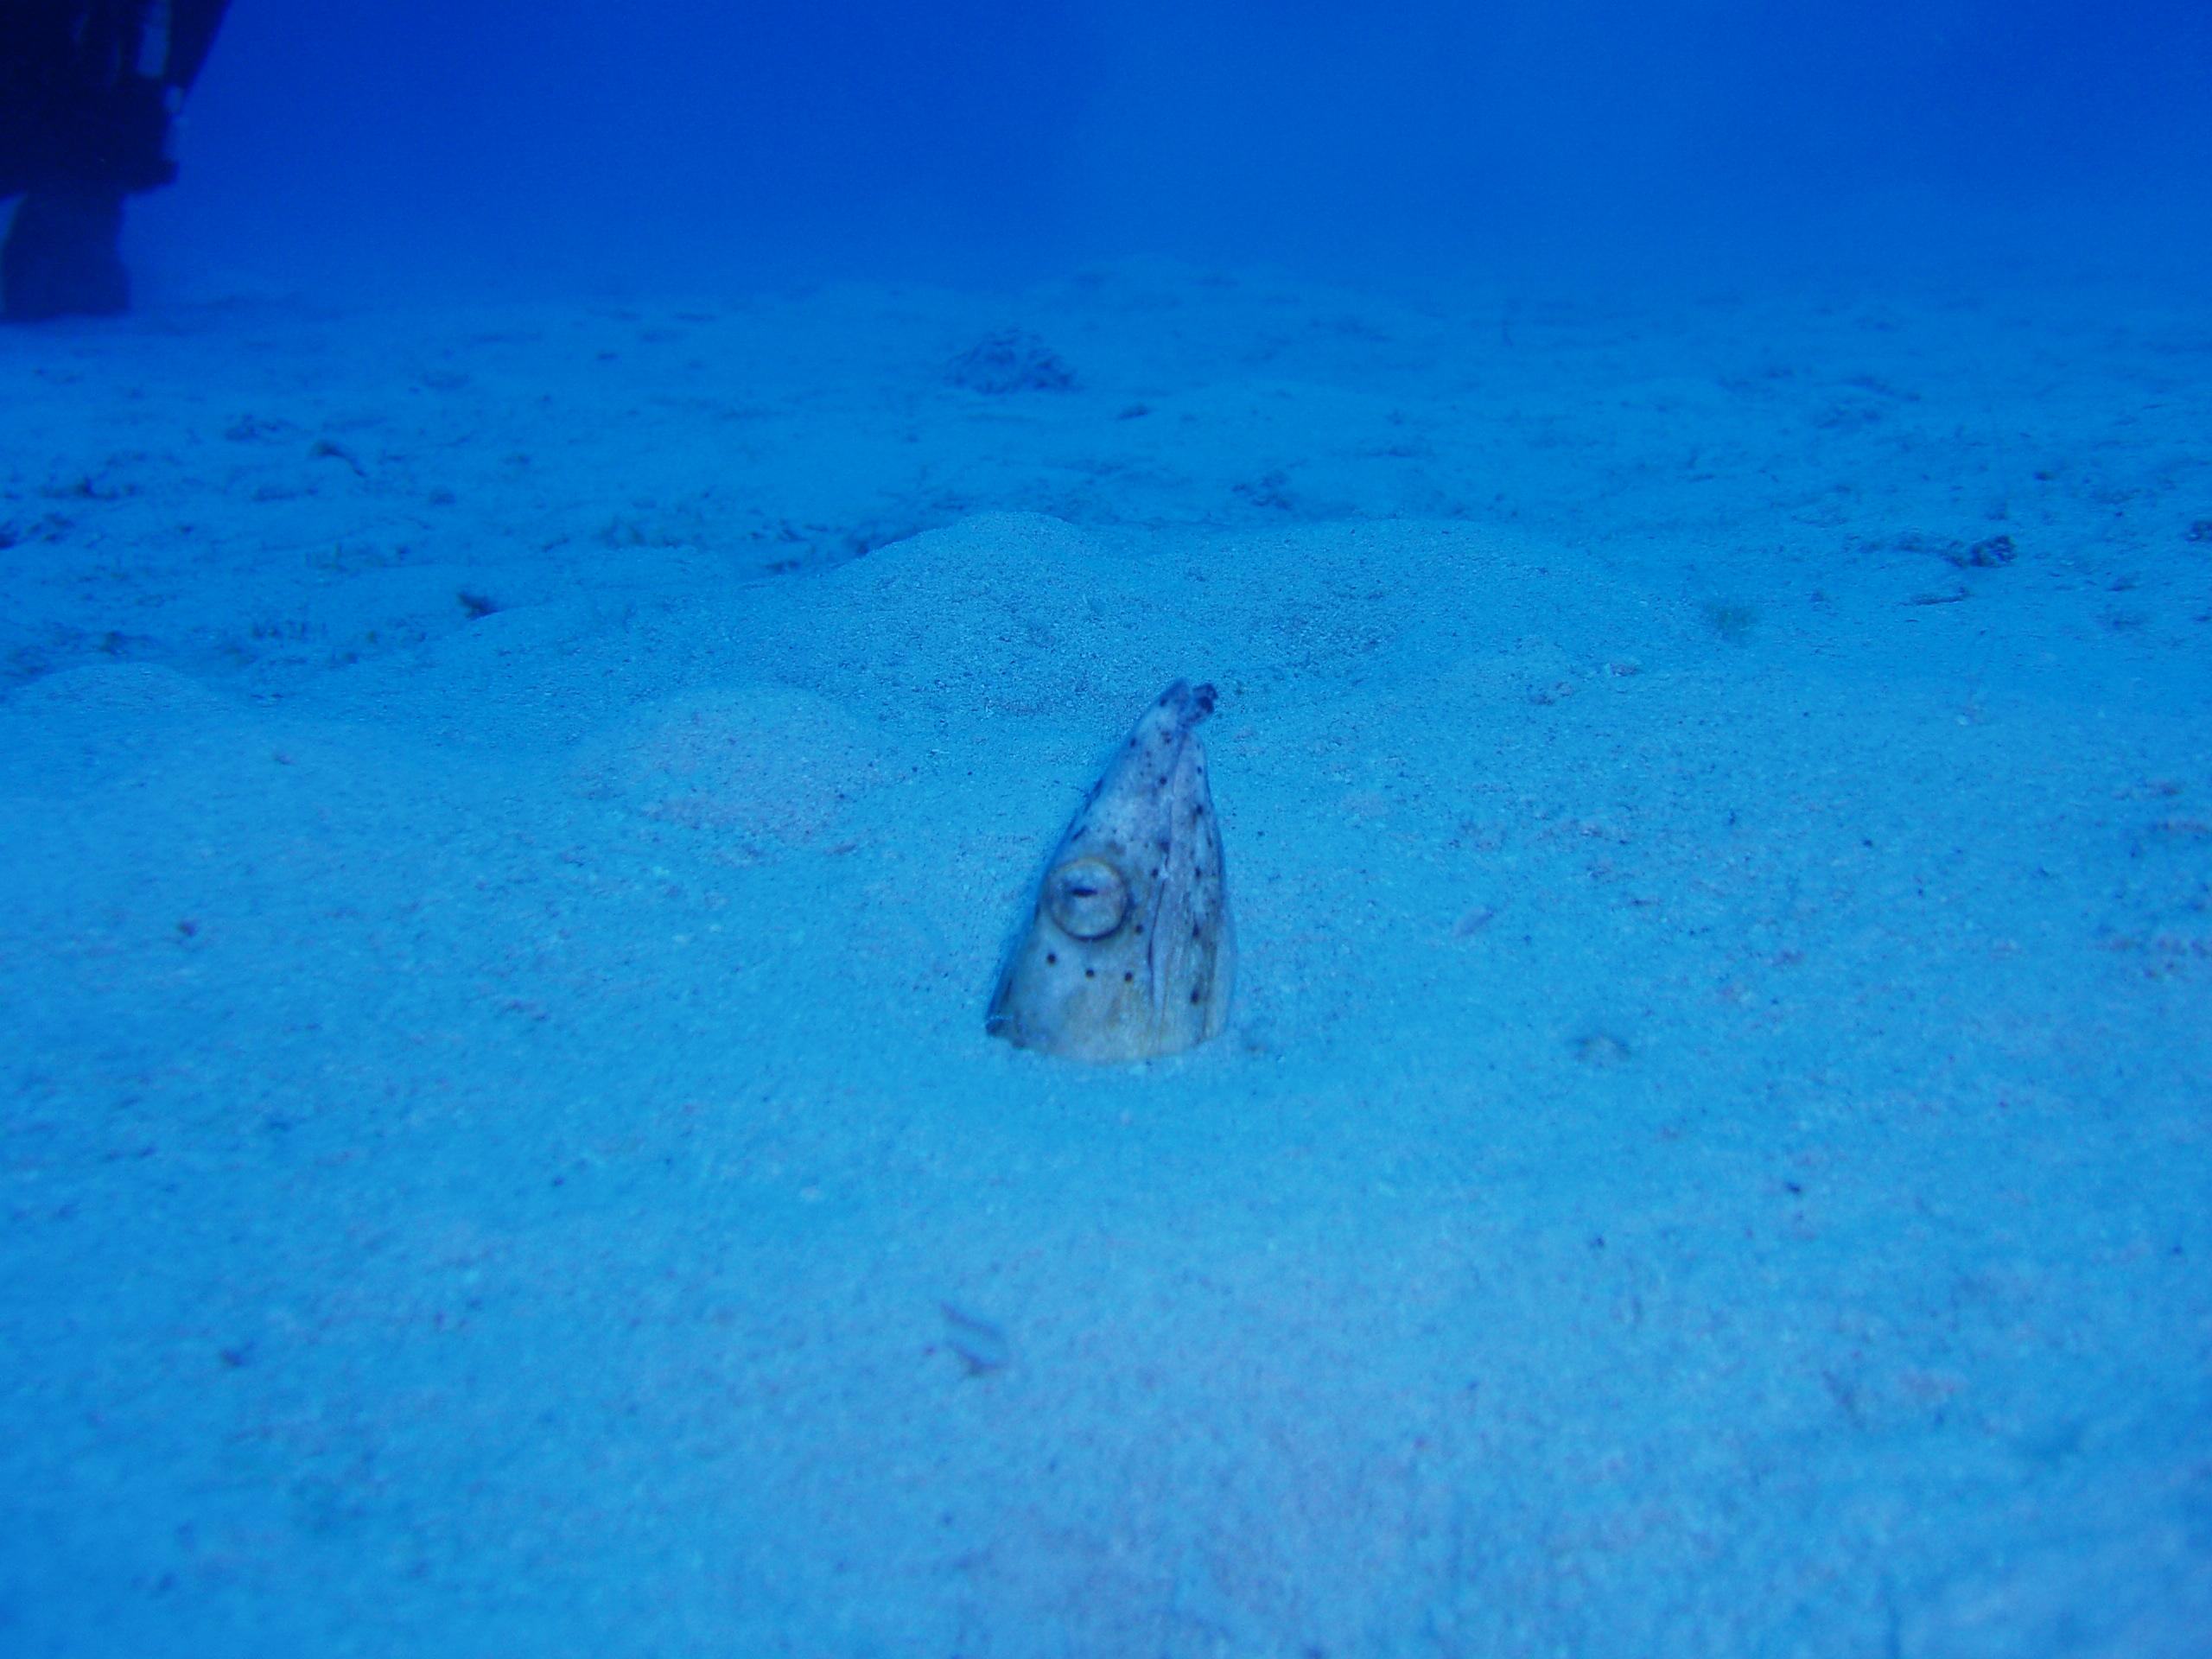 10月18日 ポイント1 久場キャニオン ポイント2 安室漁礁 ポイント3 アマビーチ前 水温28℃ 透明度25〜40m